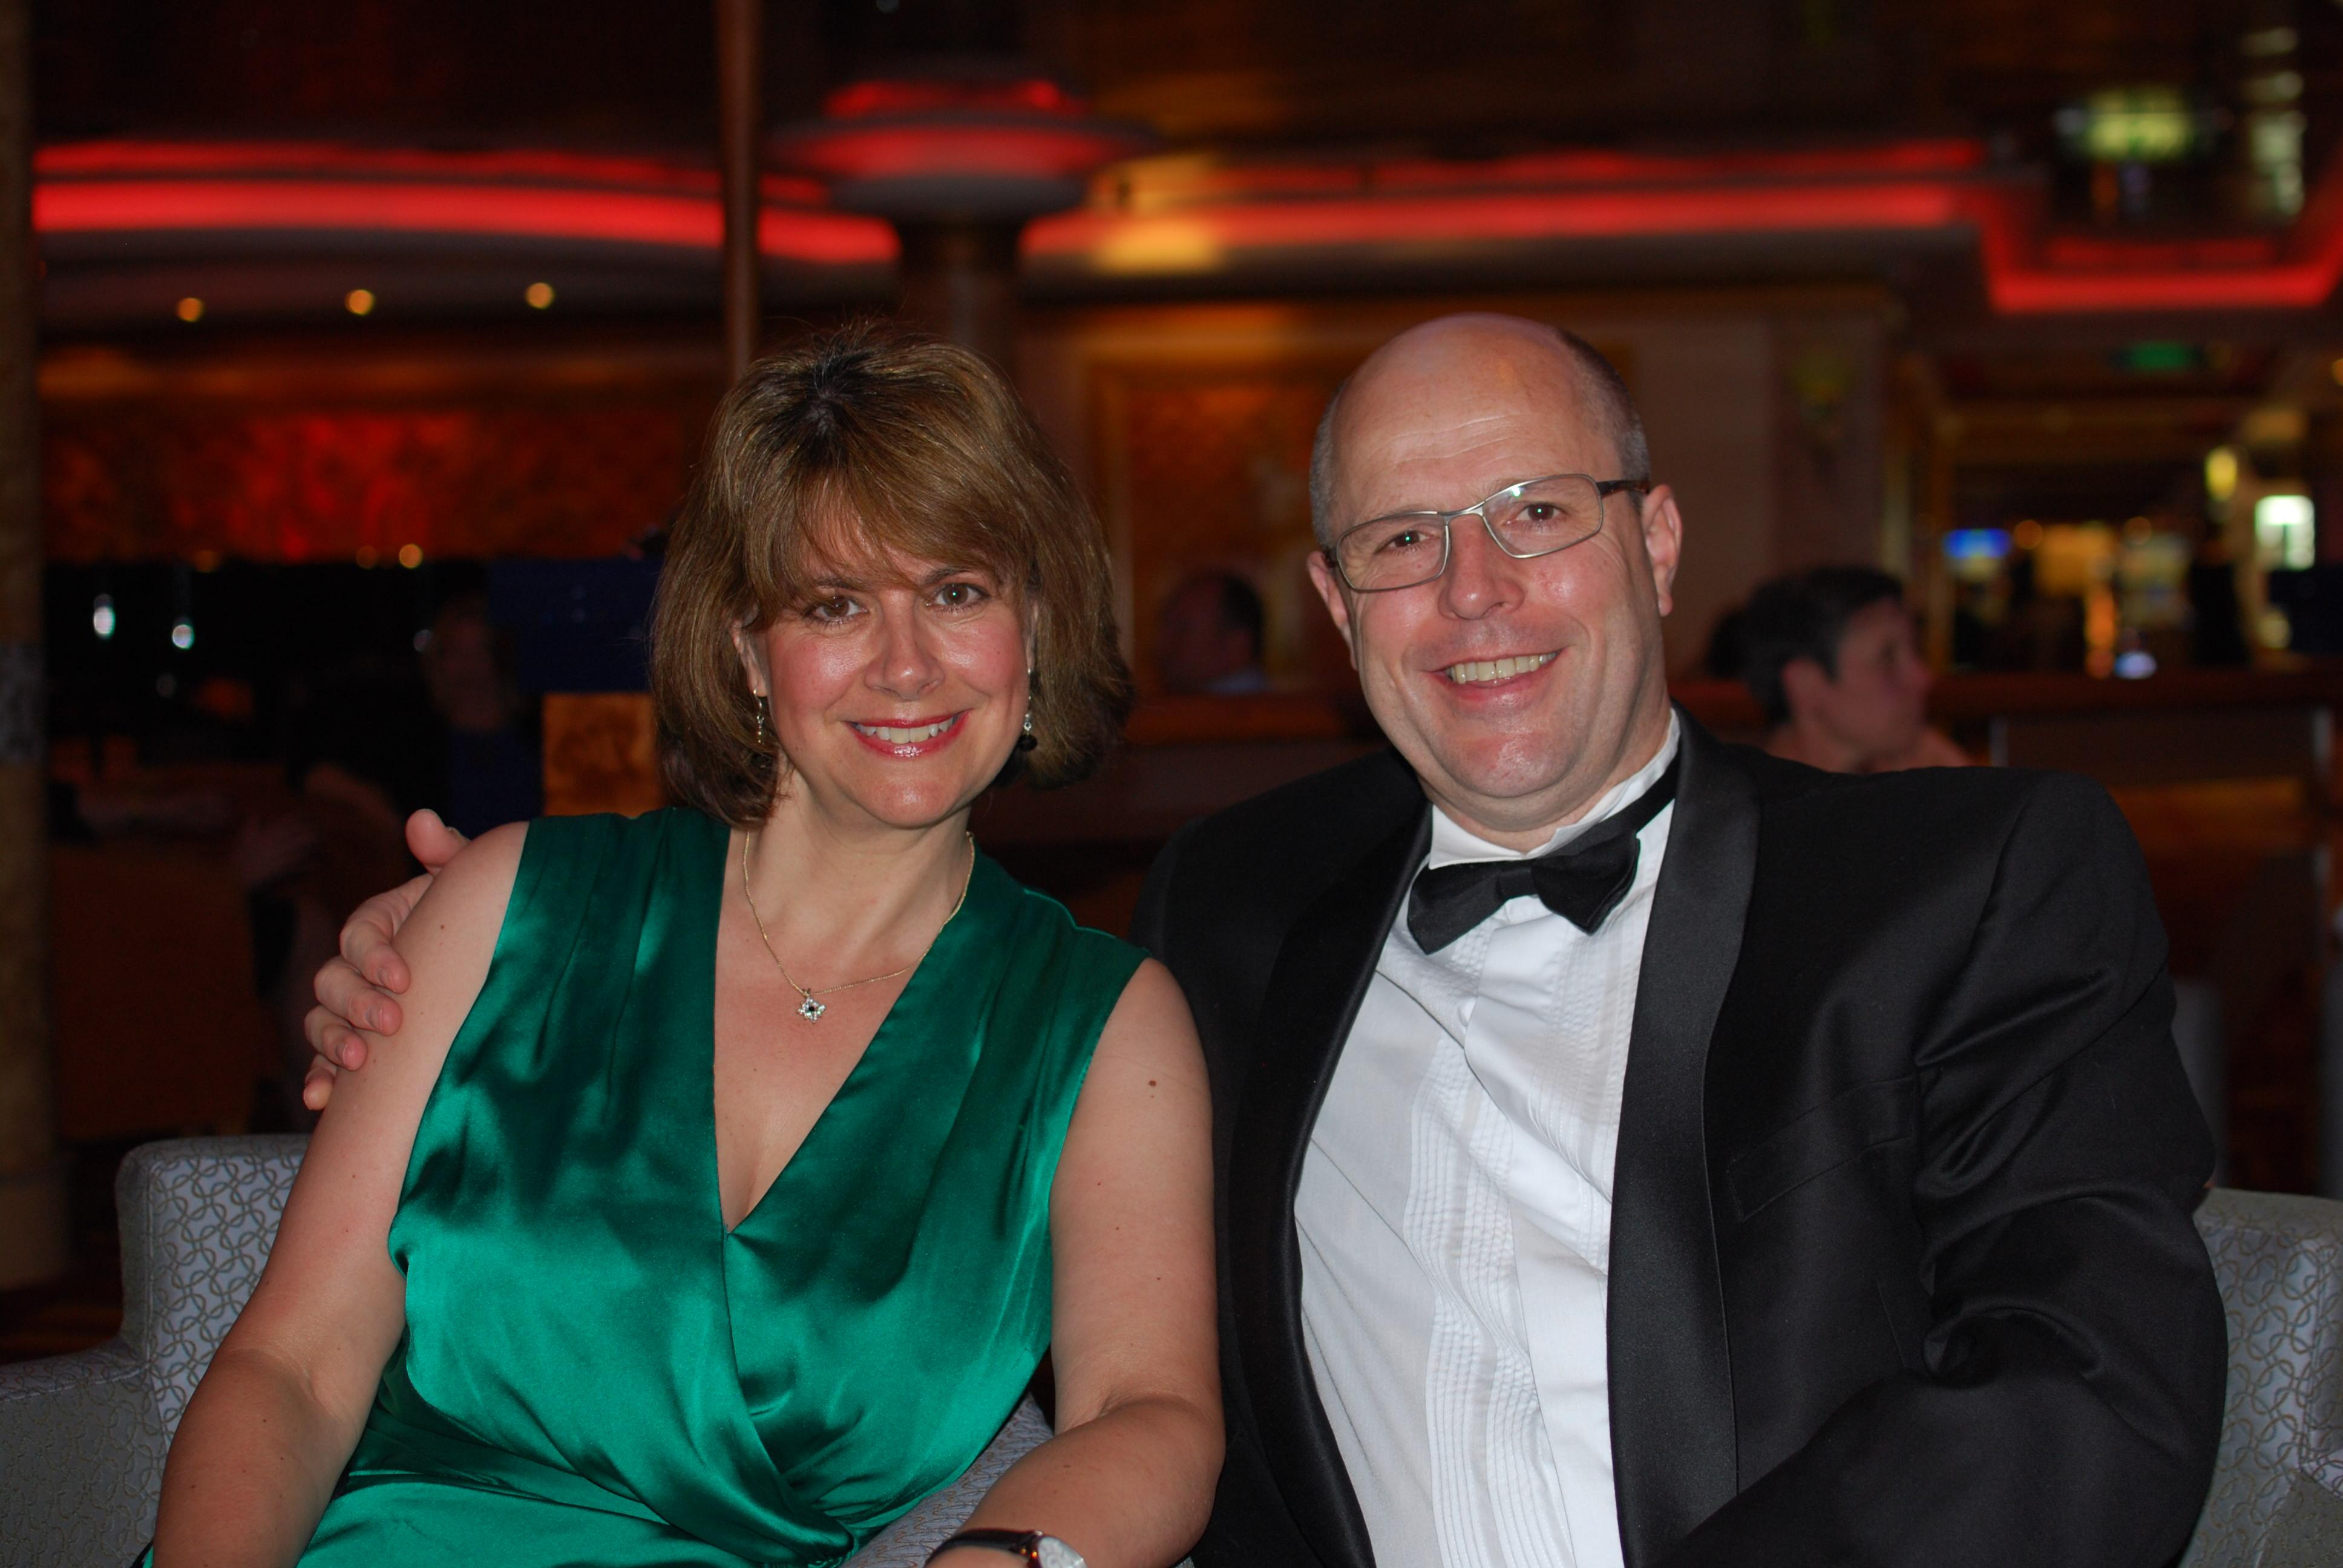 Frances and Tony Miles